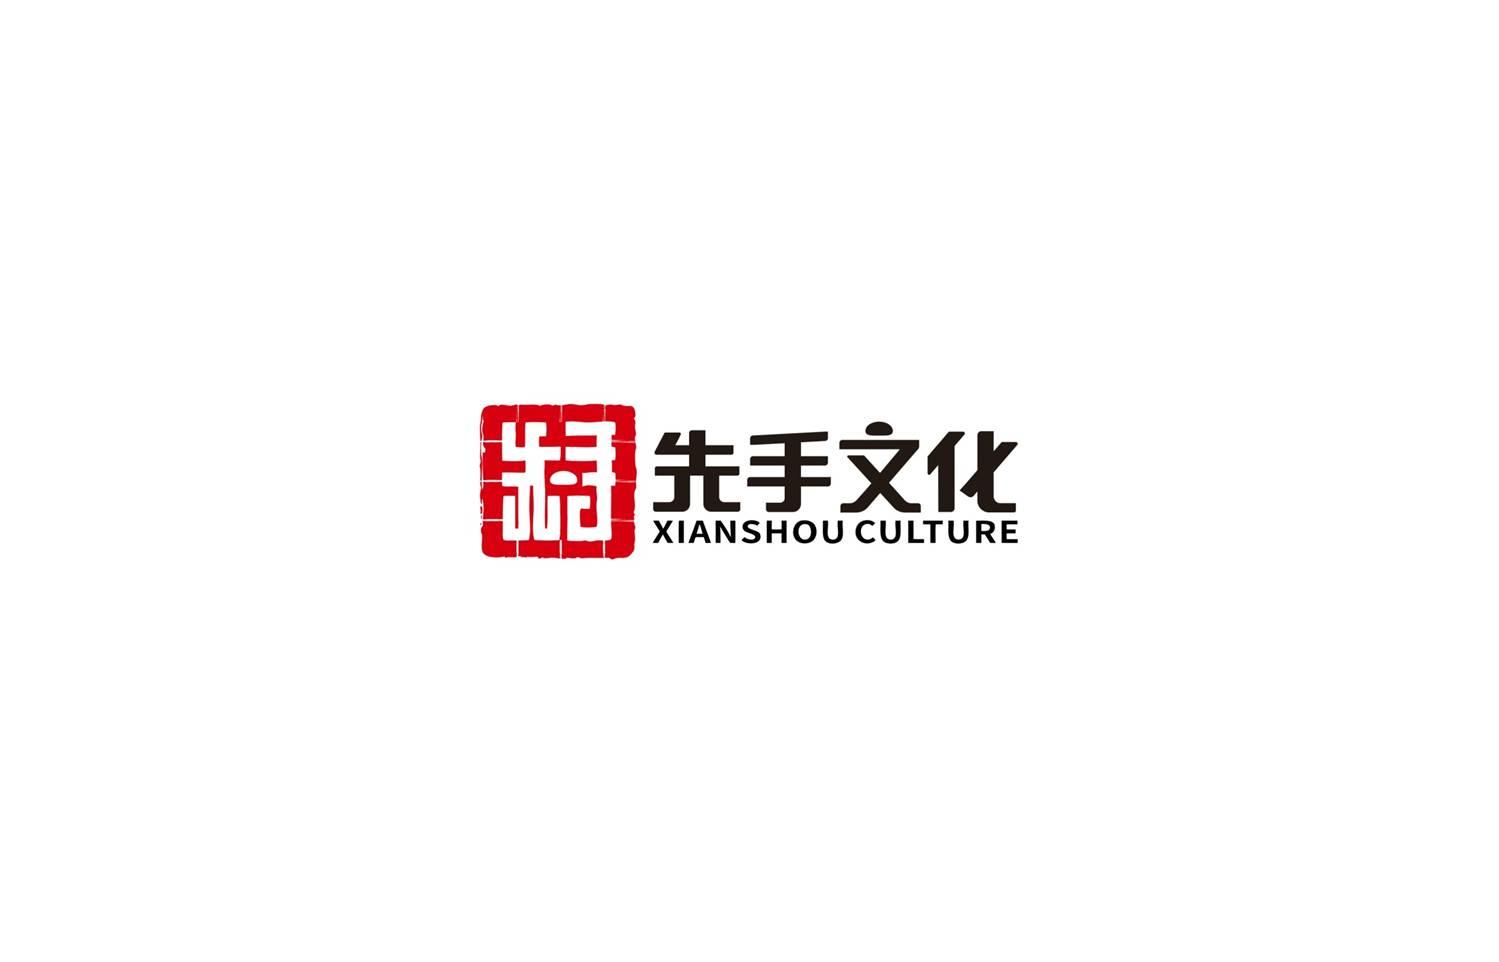 北京先手网络科技有限公司